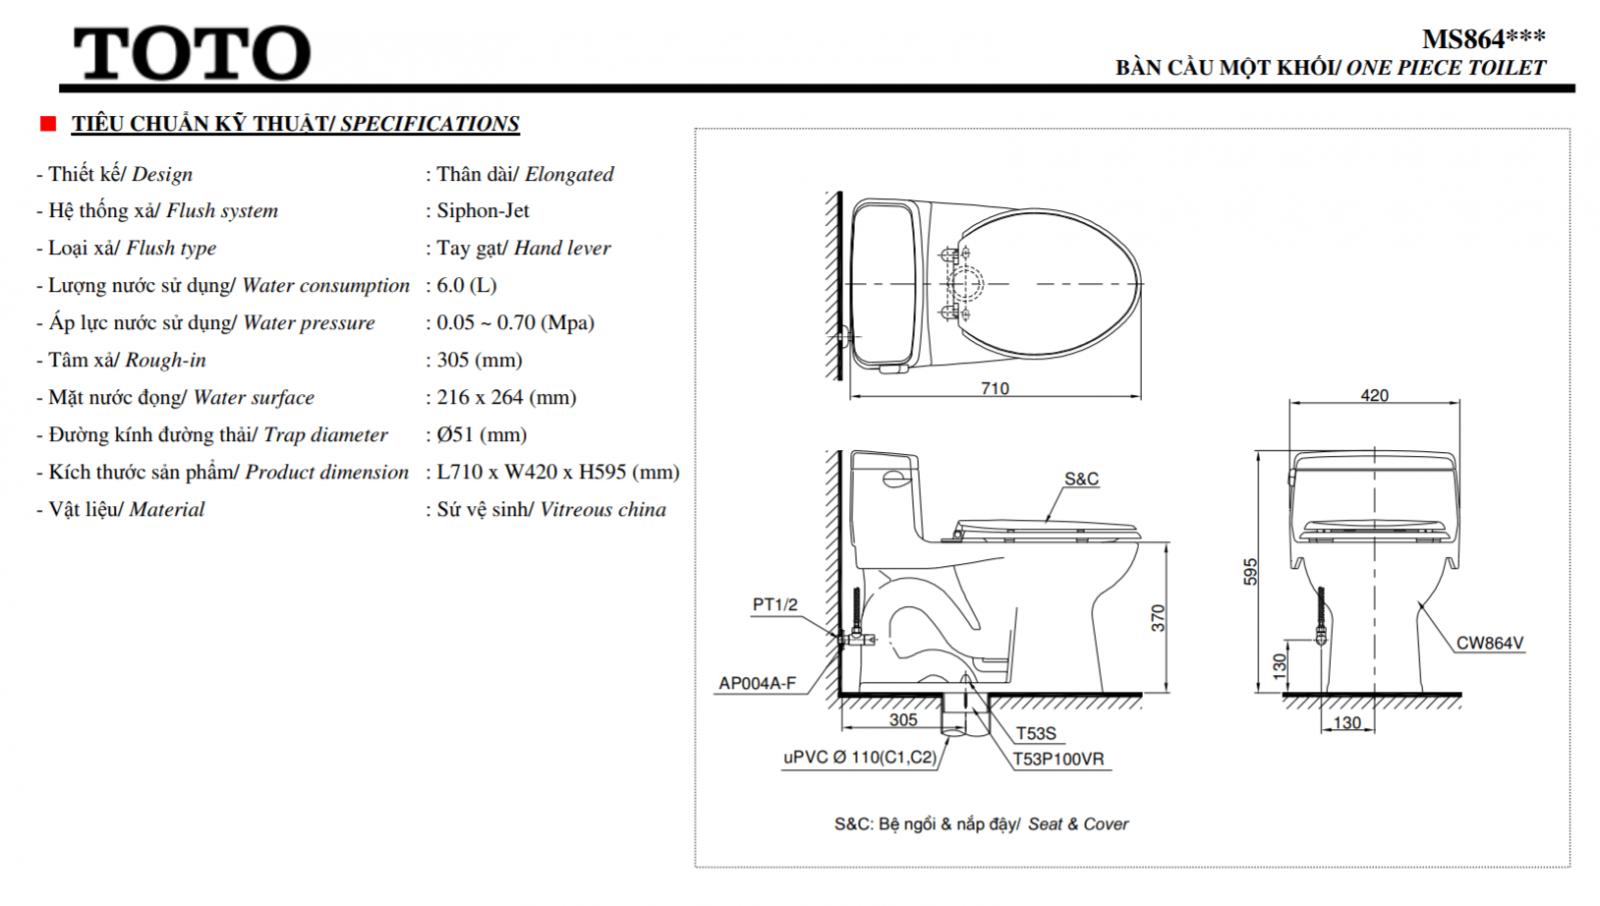 Thông số kĩ thuật bồn cầu TOTO MS864